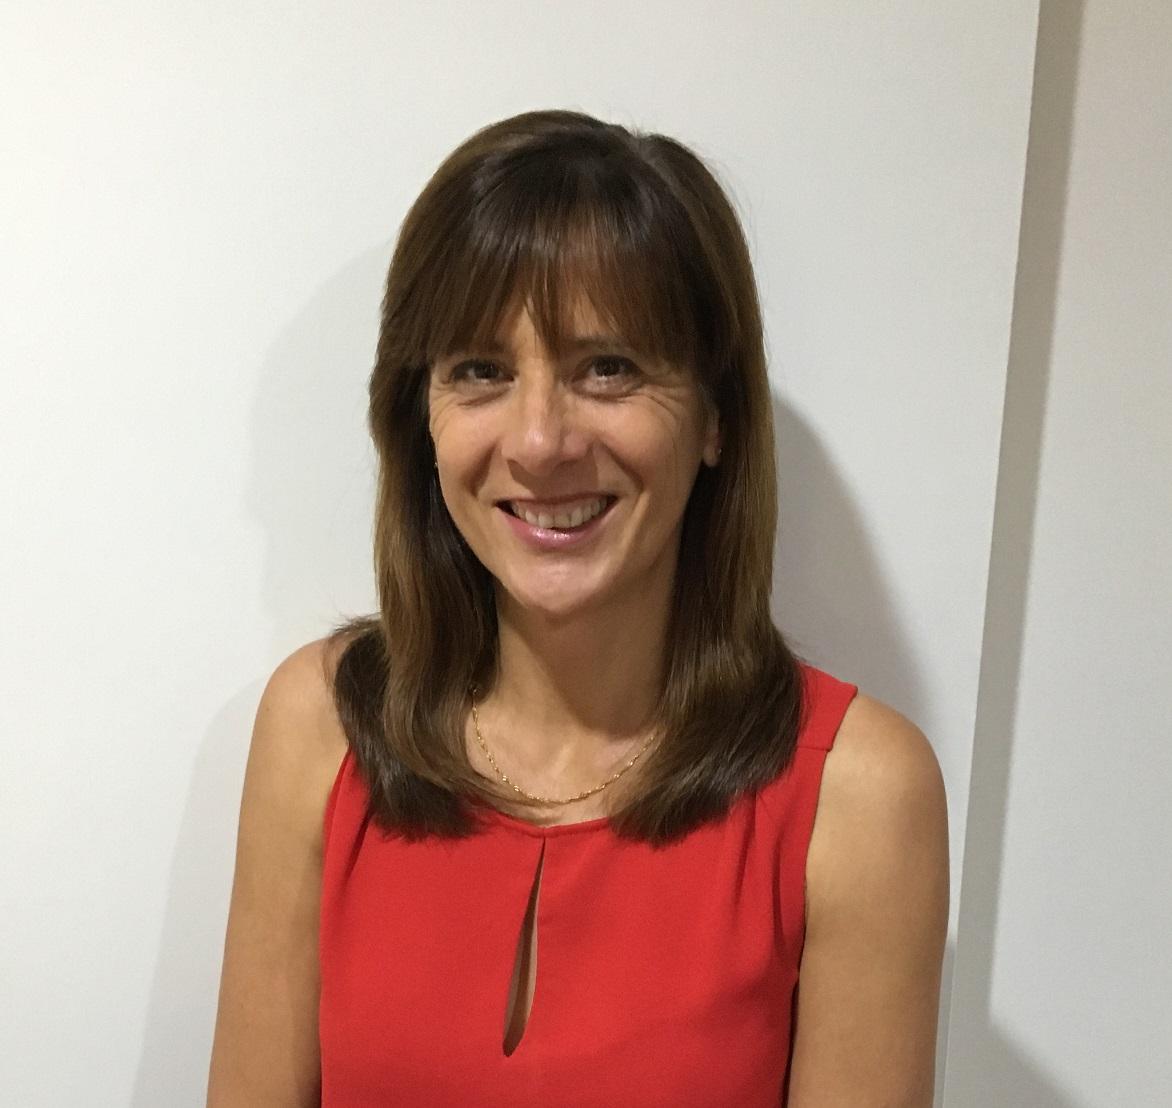 Gina Perenzin